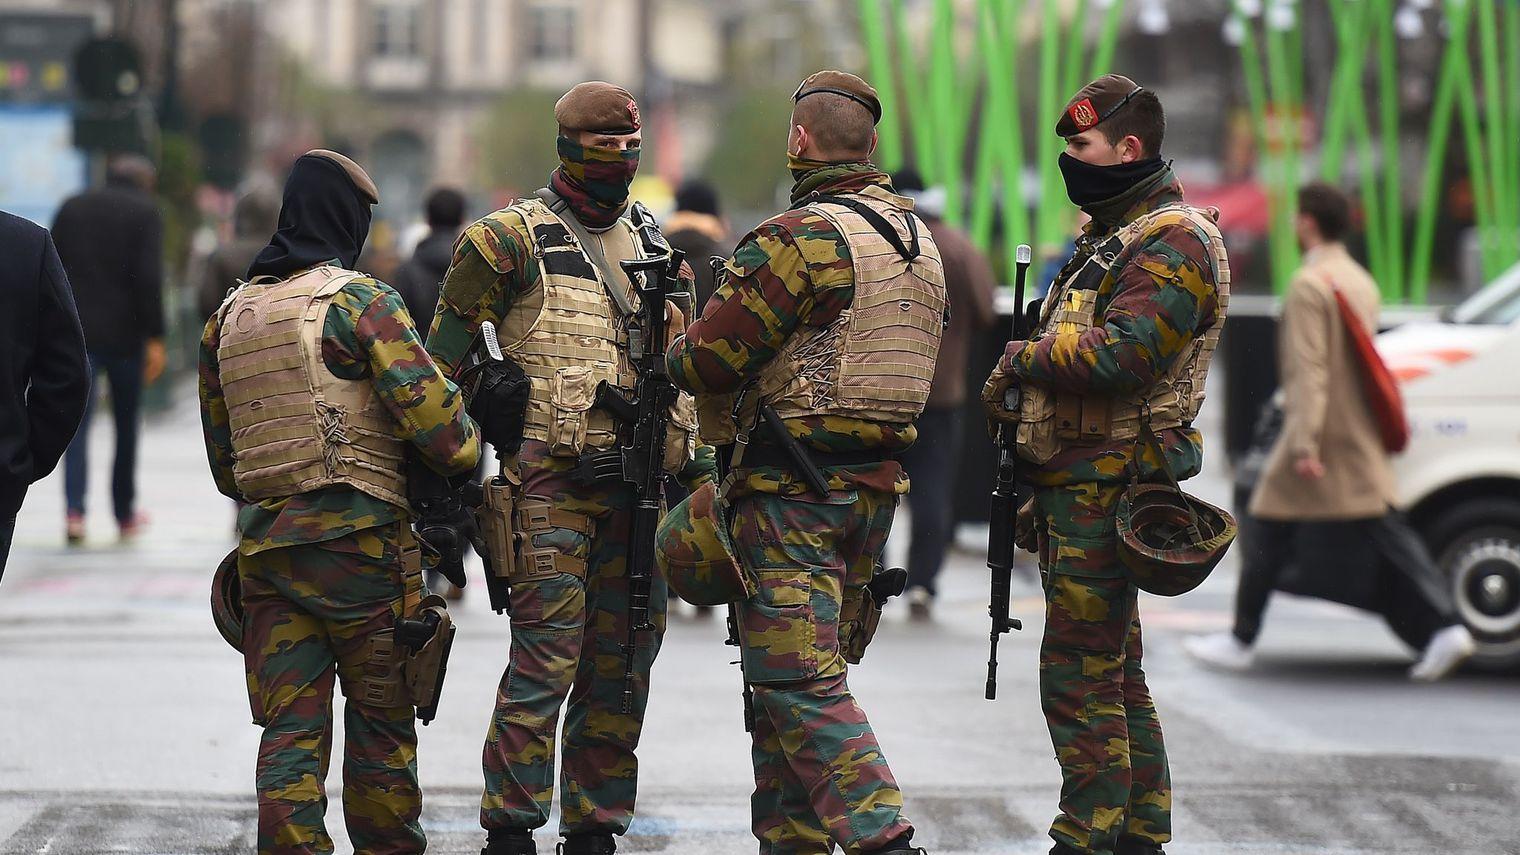 Prokurorët belgë zbuluan strehimet e terroristëve të Parisit